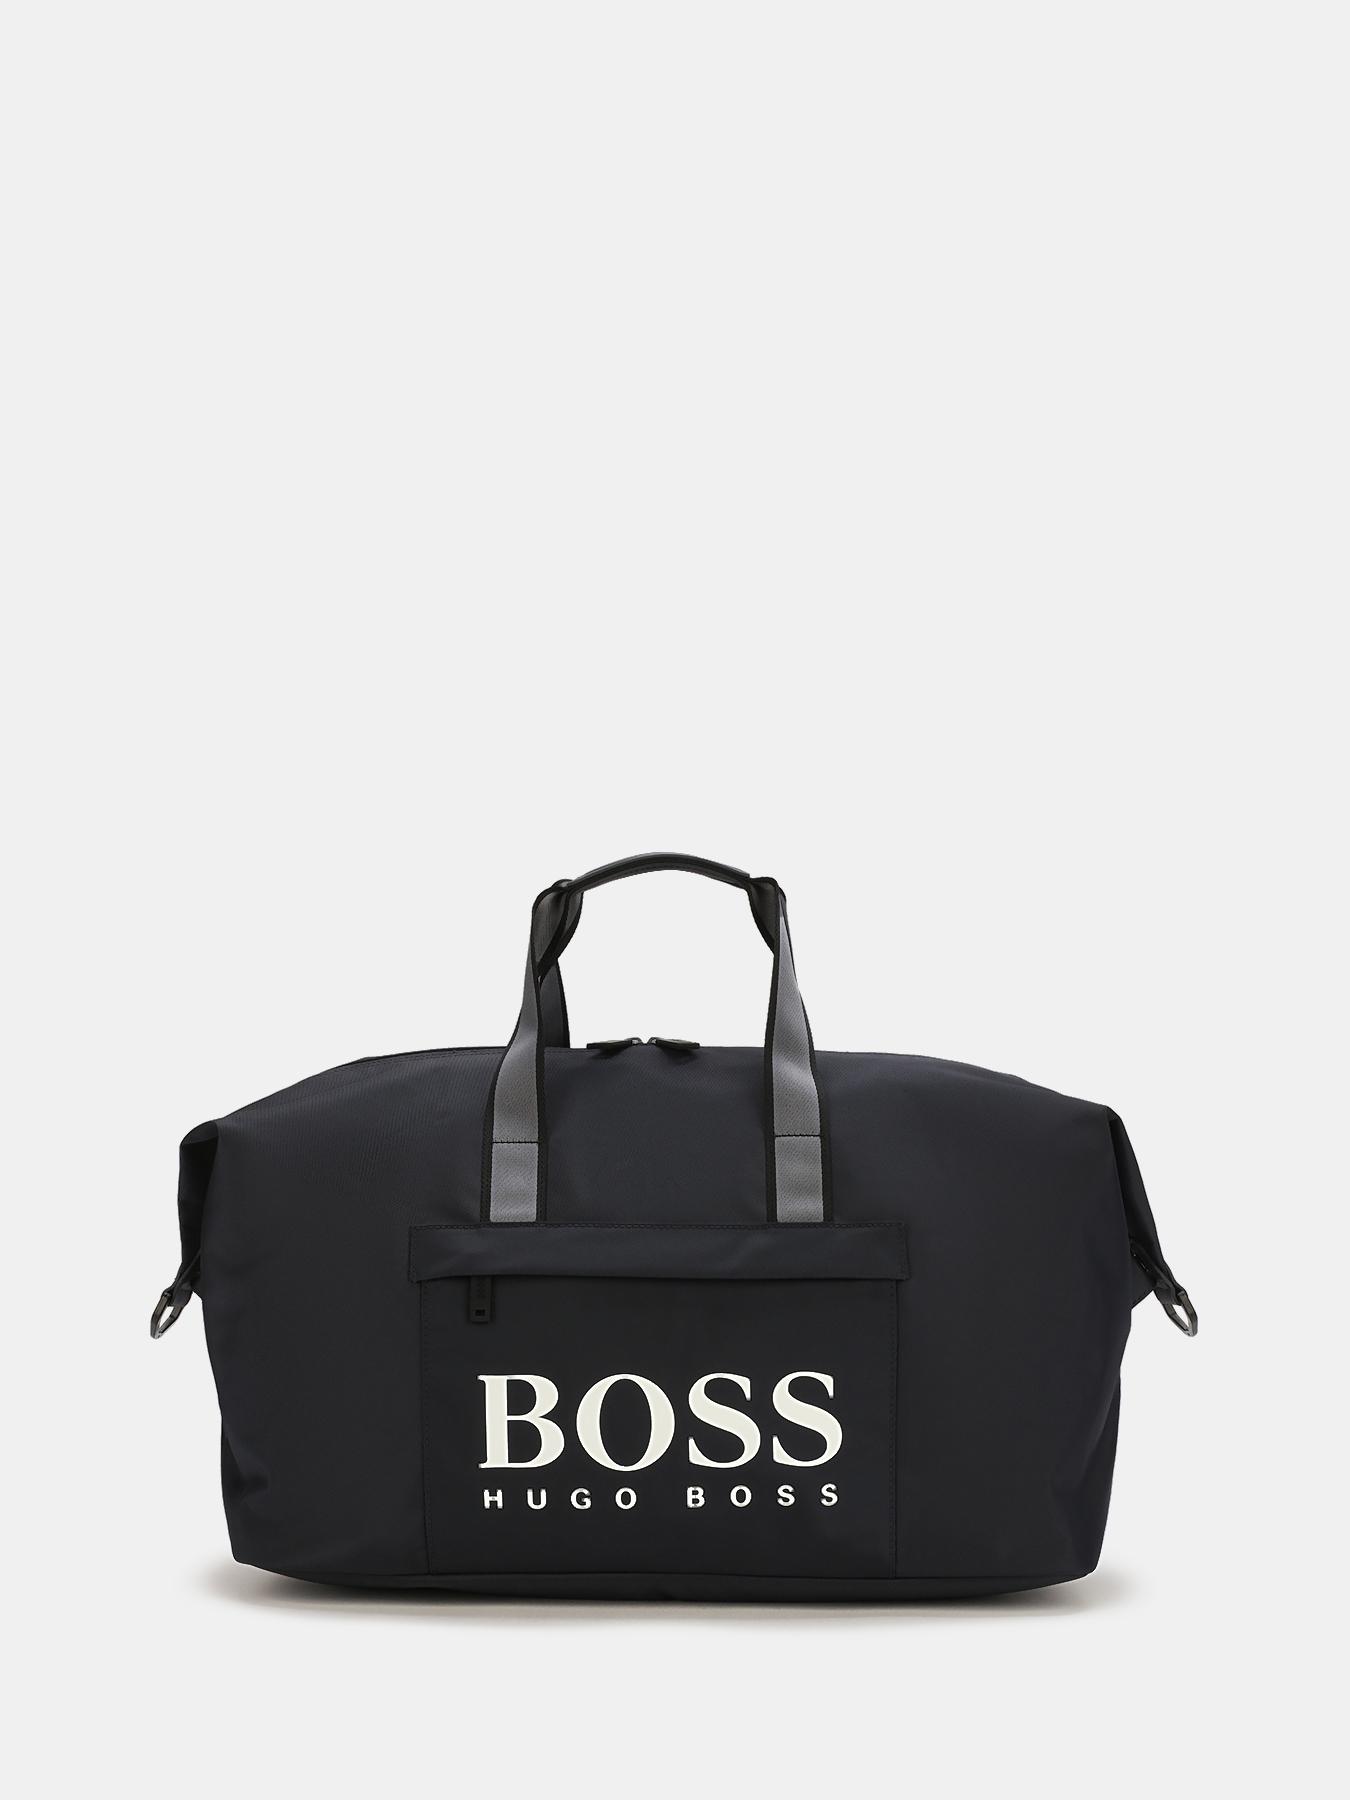 Фото - Дорожные сумки BOSS Дорожная сумка Magnif феникс сумка мешок дорожная монстрик в оранжевом свитере 48646 оранжевый